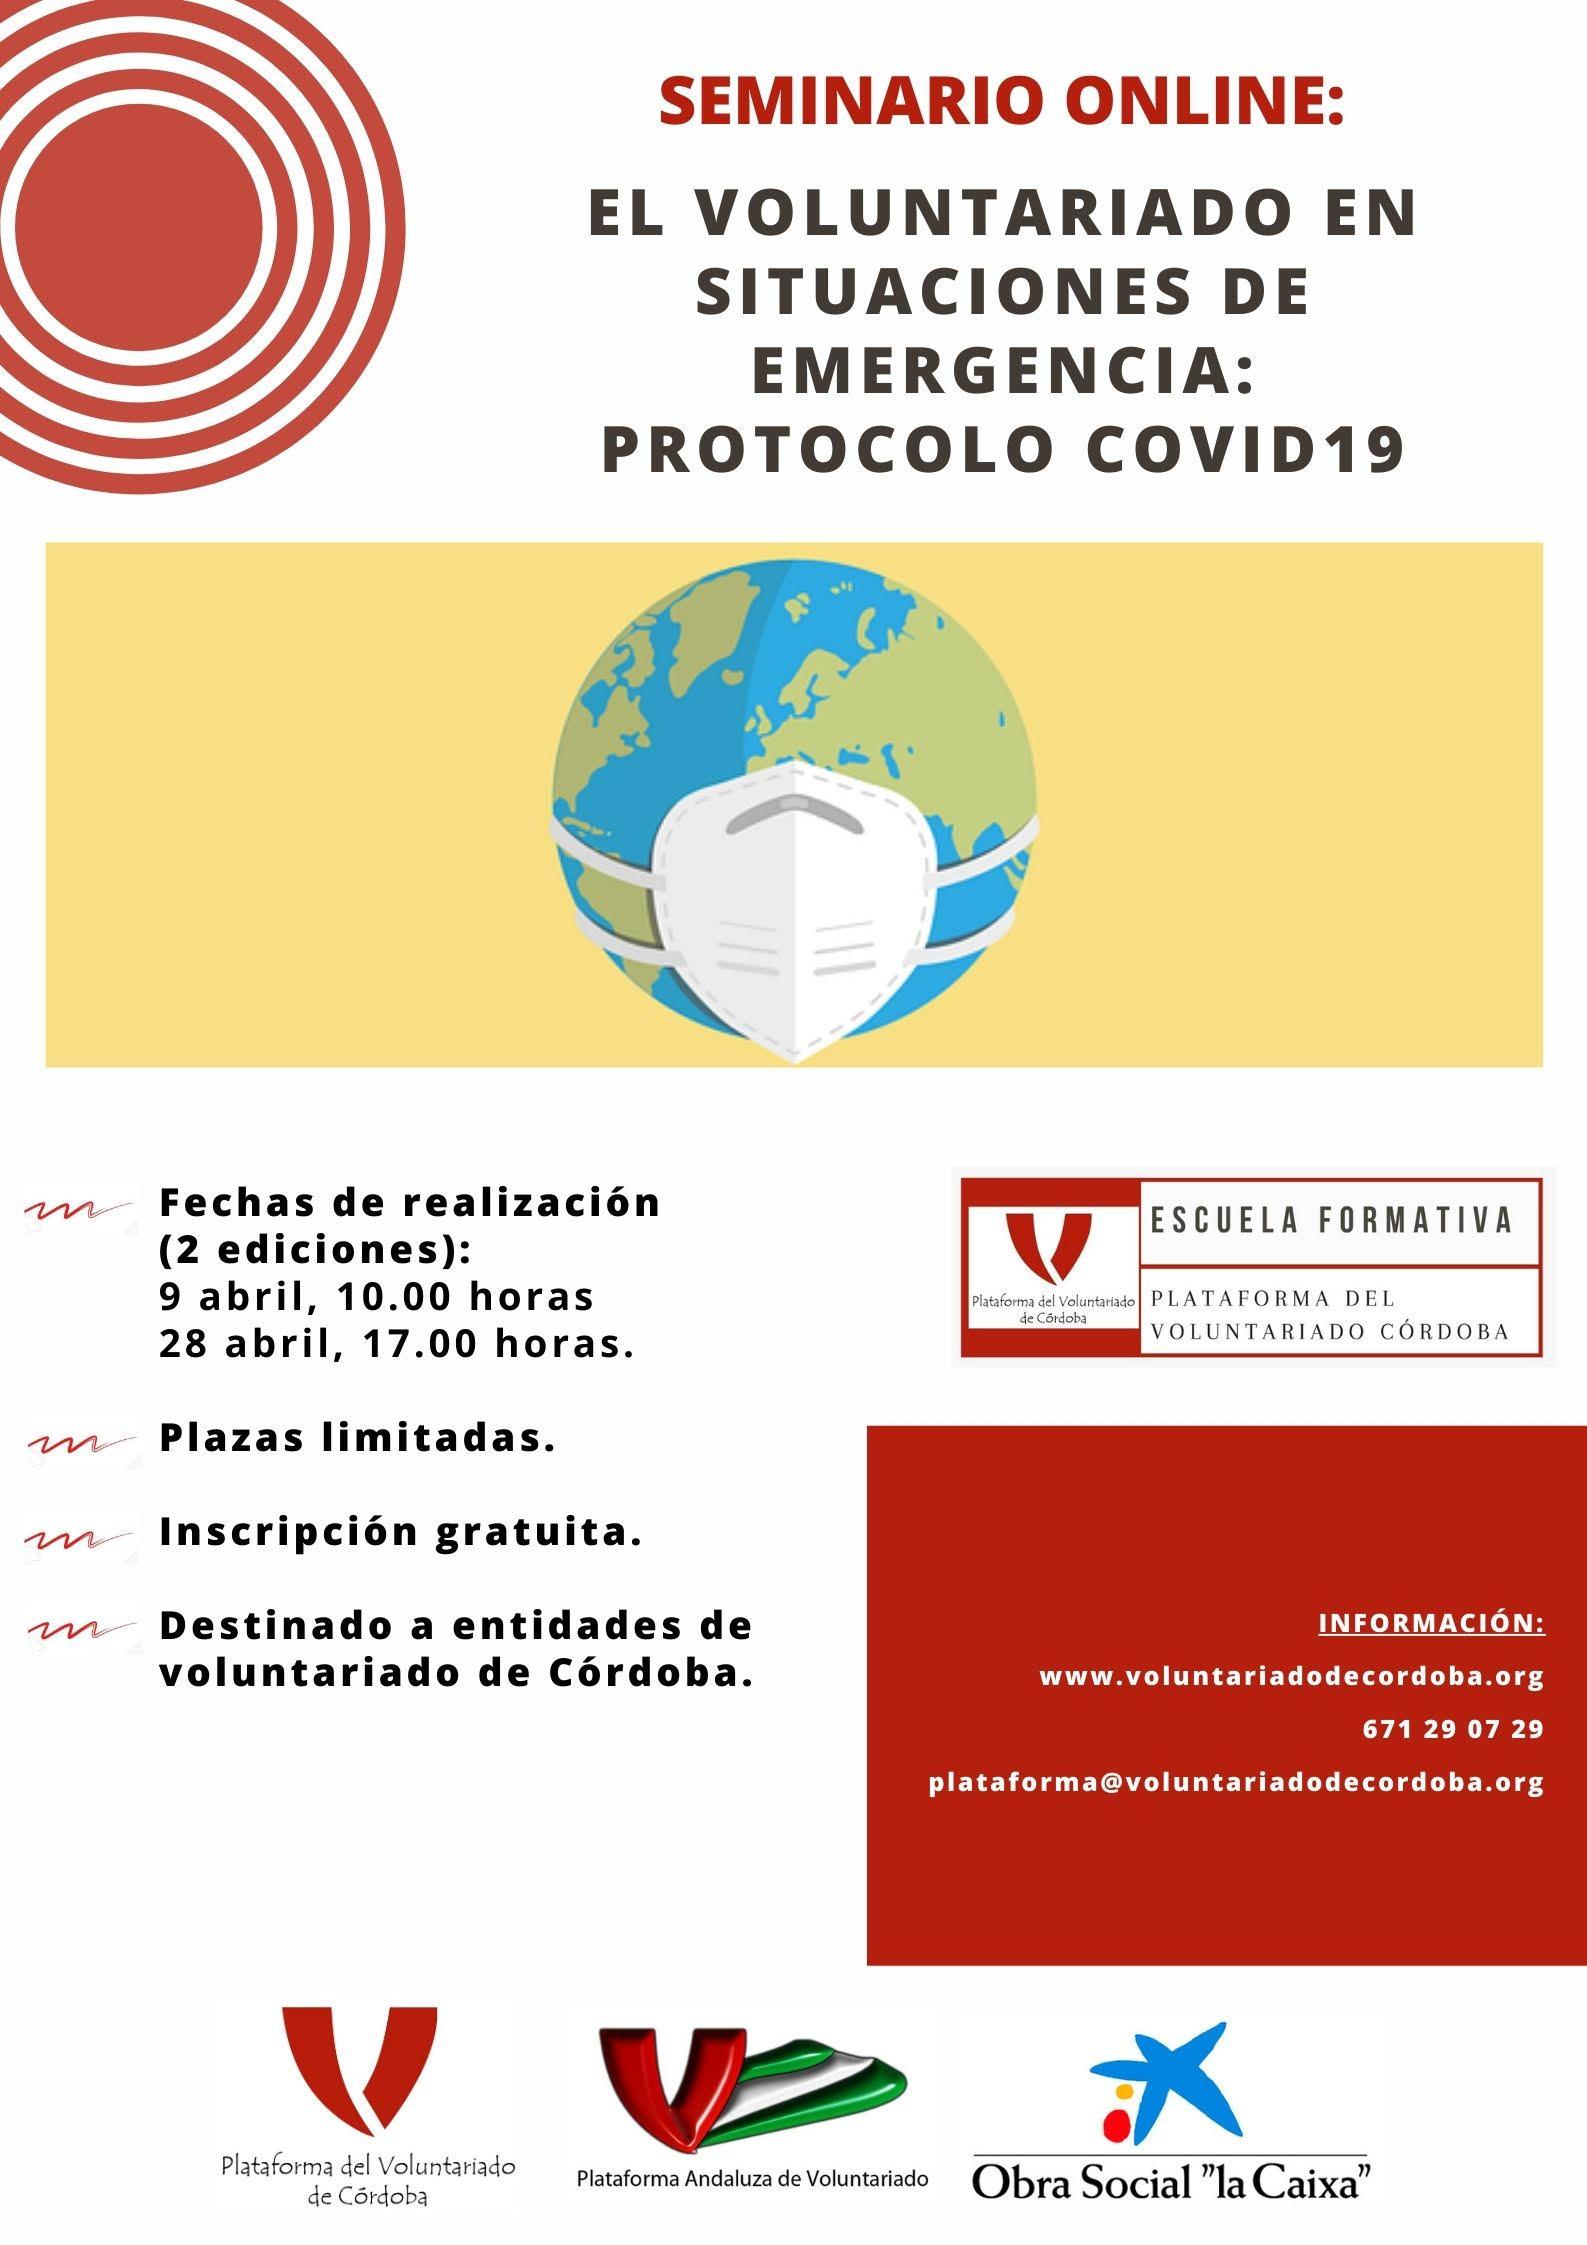 Seminario online: protocolo covid19 para entidades